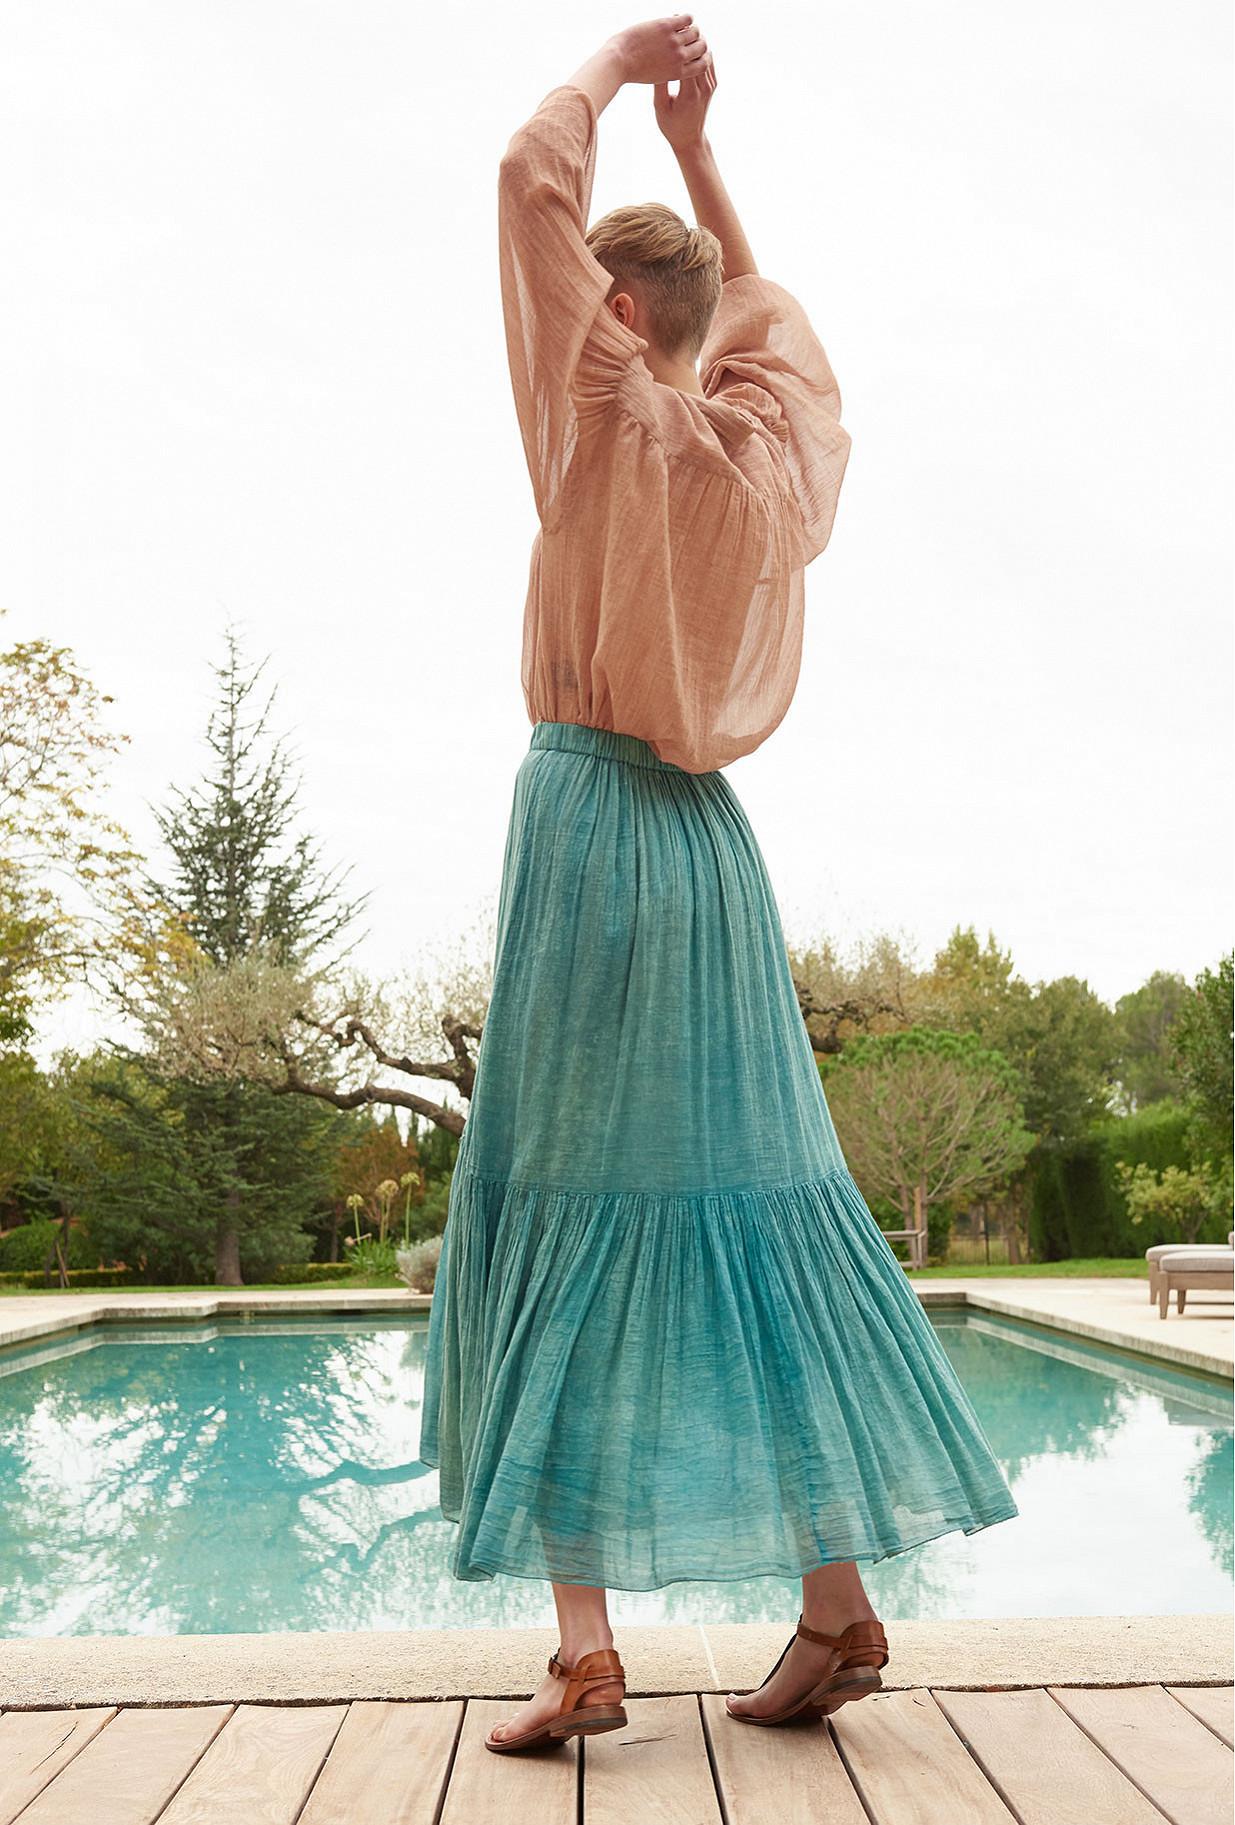 Blue  Skirt  Palette Mes demoiselles fashion clothes designer Paris